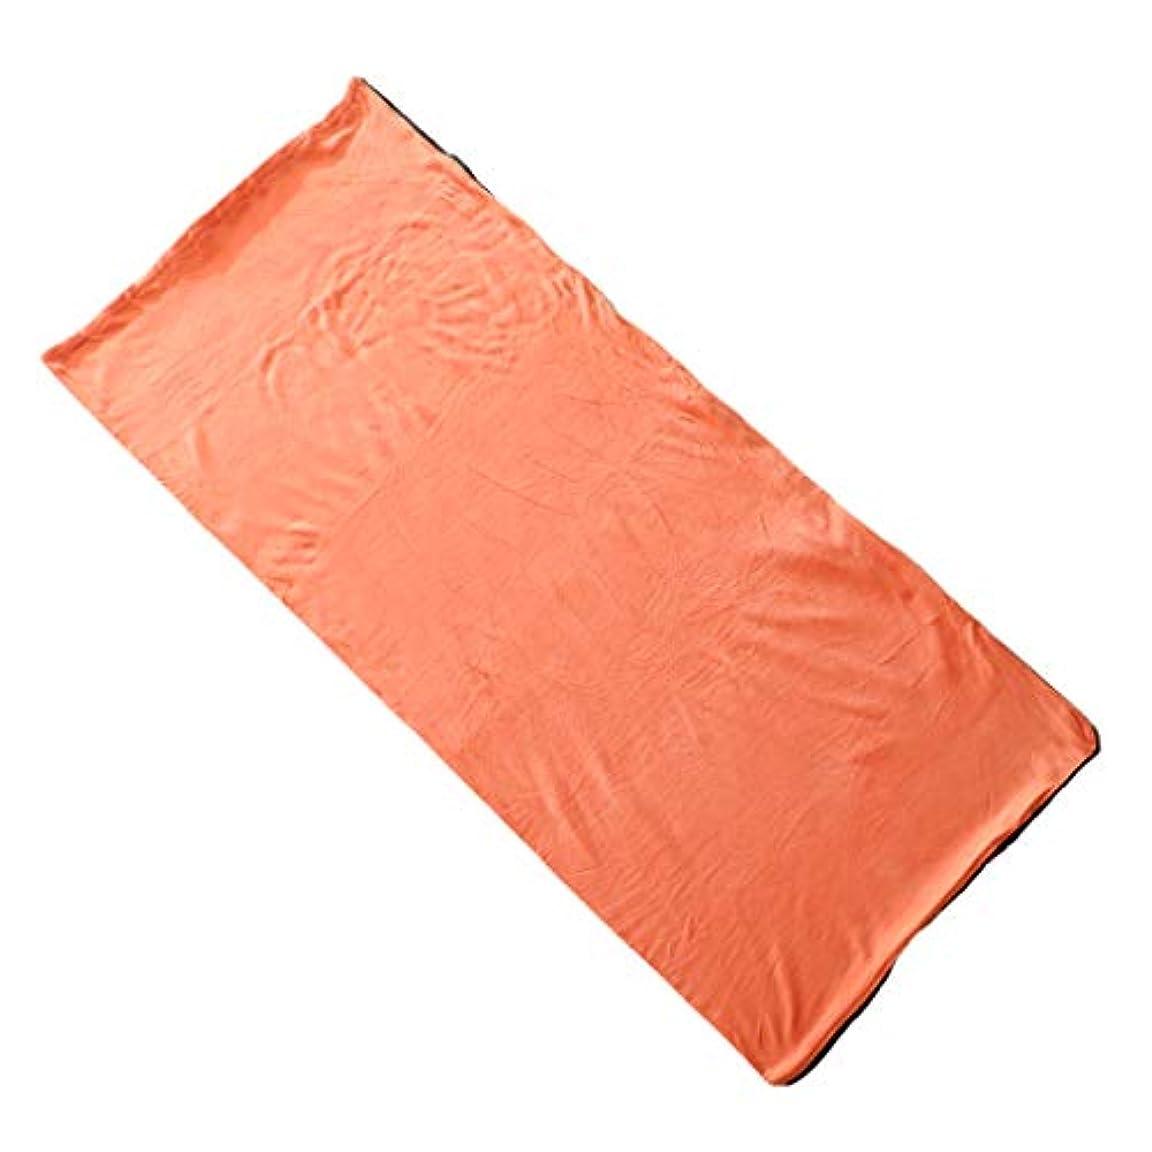 予感不適当企業Perfeclan 封筒型 シュラフ 寝袋 防寒毛布 収納袋付 コンパクト 昼休み 旅行 キャンプ